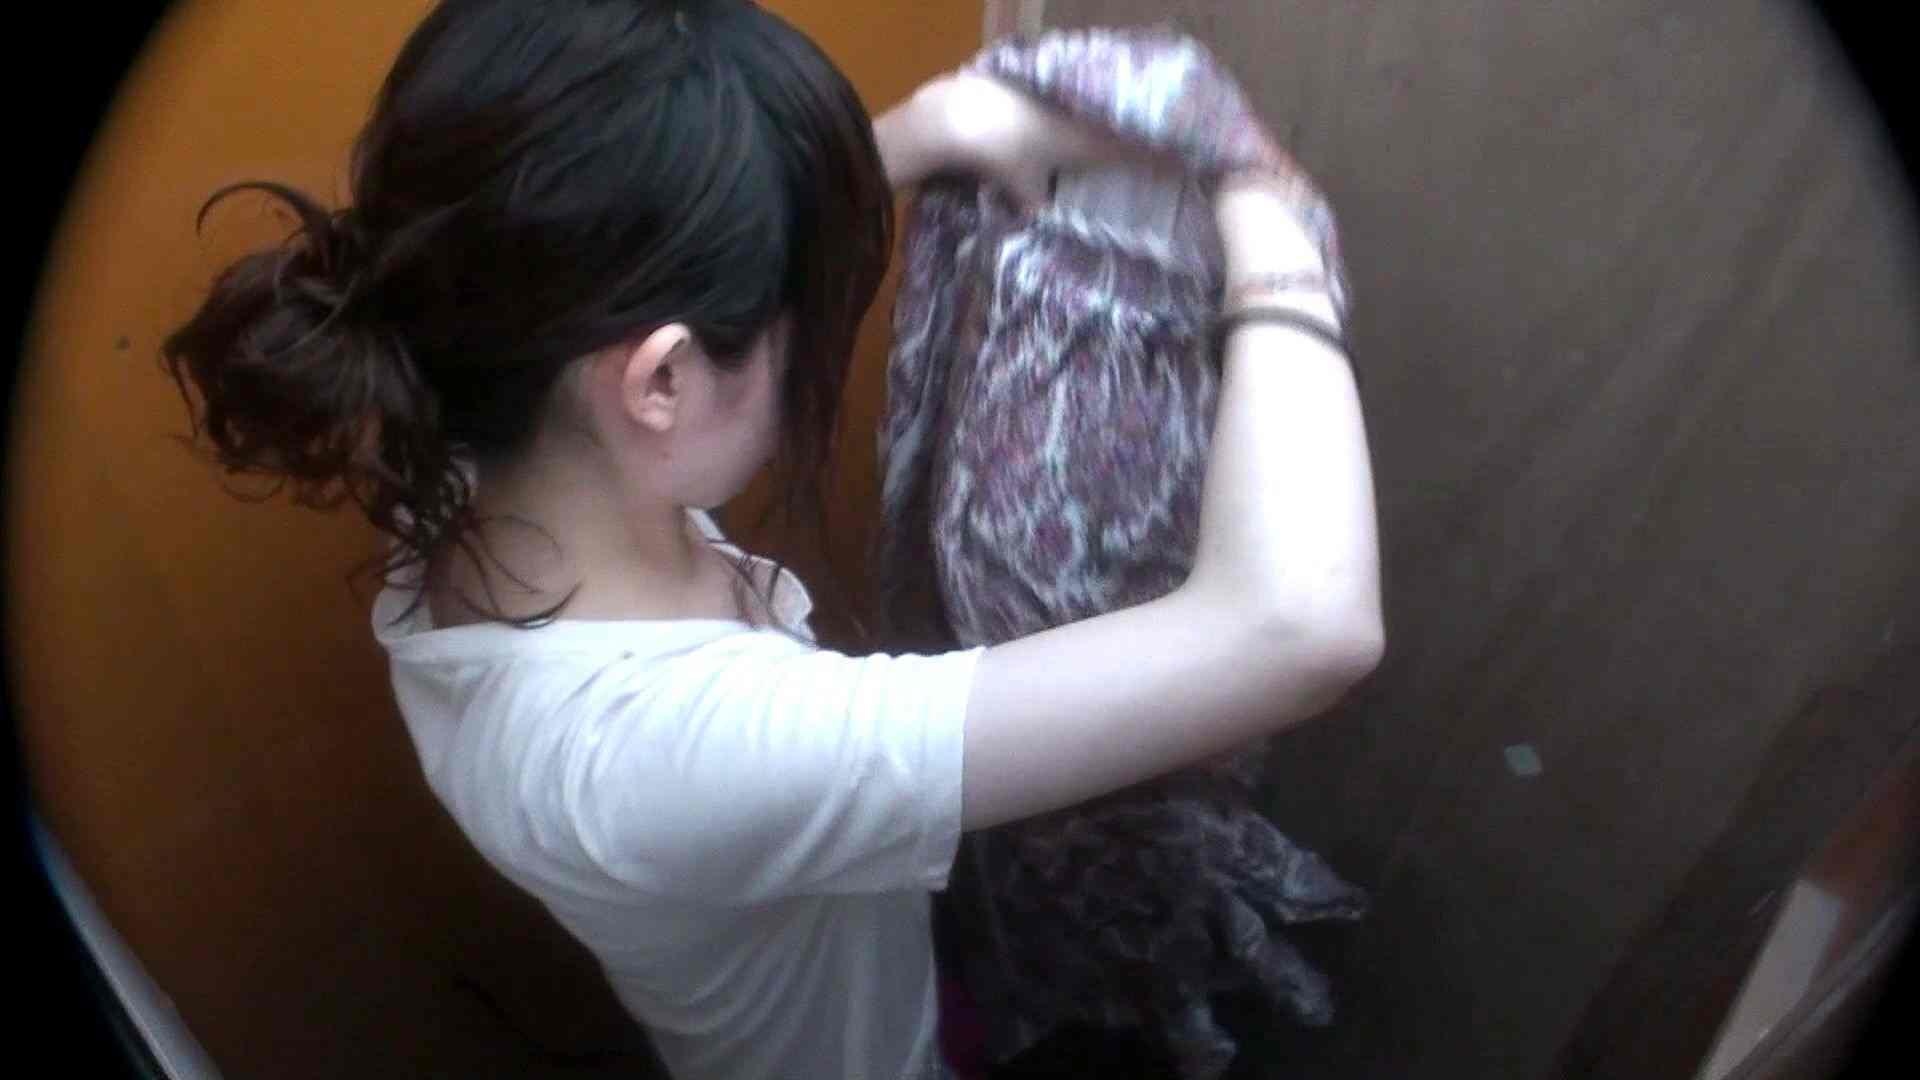 シャワールームは超!!危険な香りVol.29 こっちを向いて欲しい貧乳姉さん 高画質 | シャワー  78pic 9